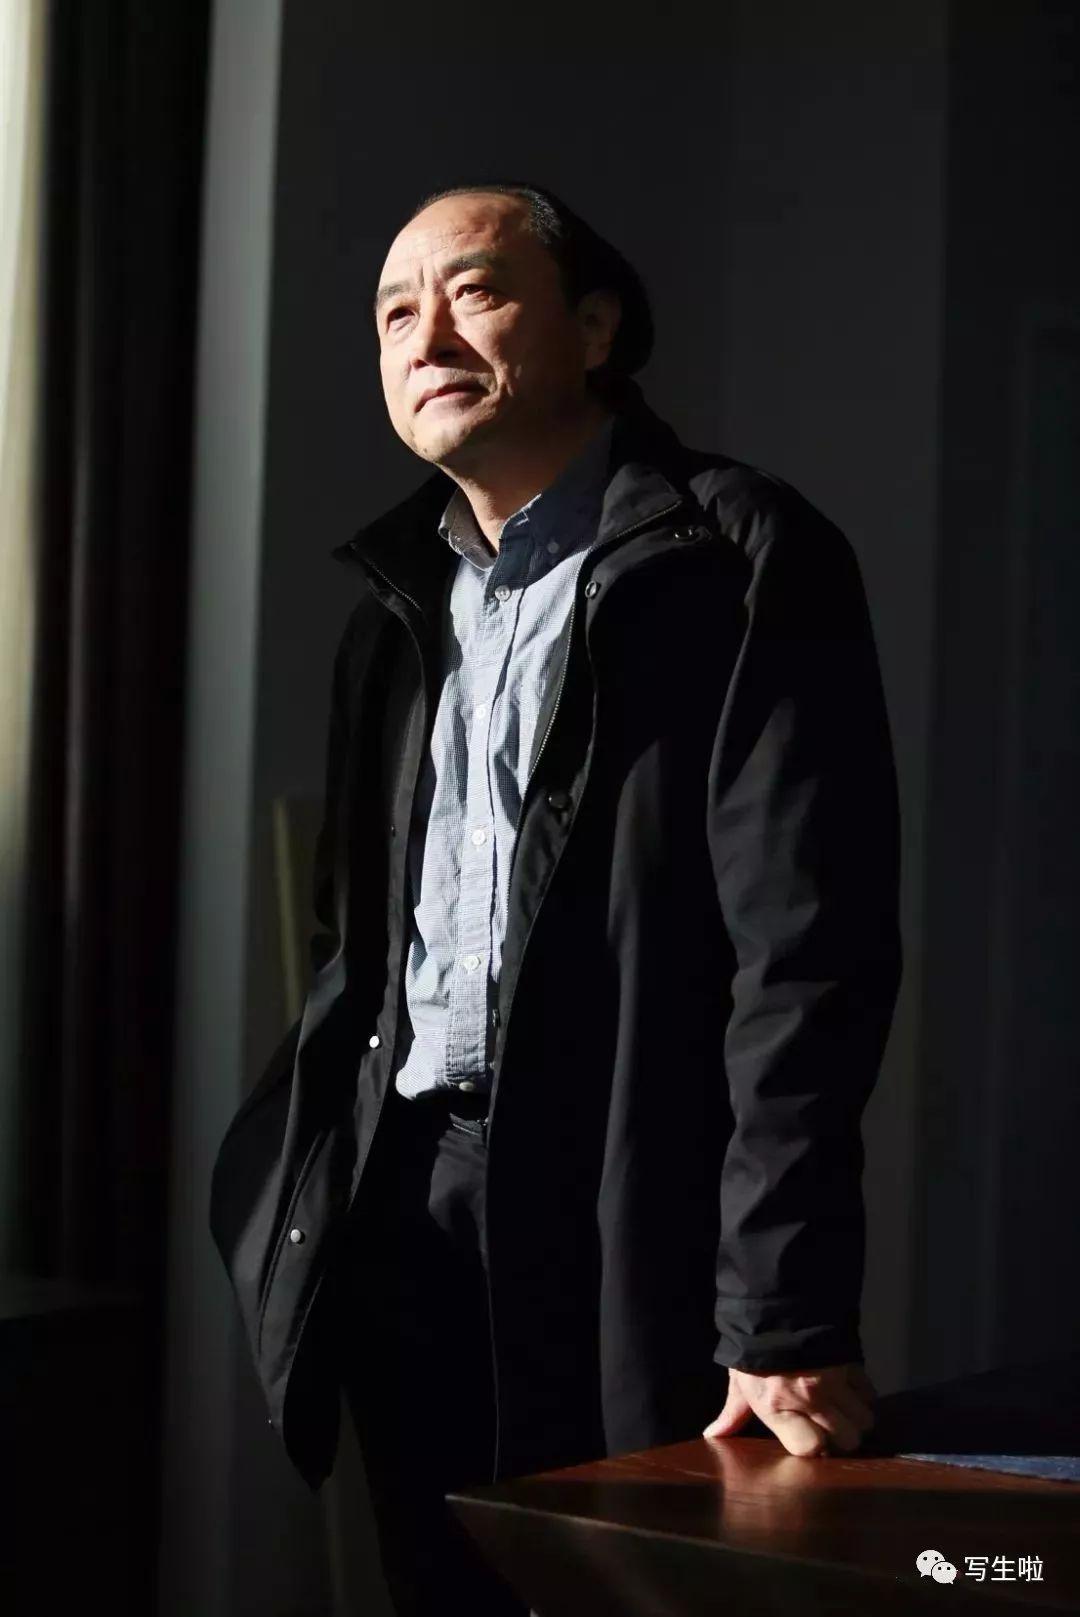 【写生啦】国美教授周刚内蒙古最新写生作品 第1张